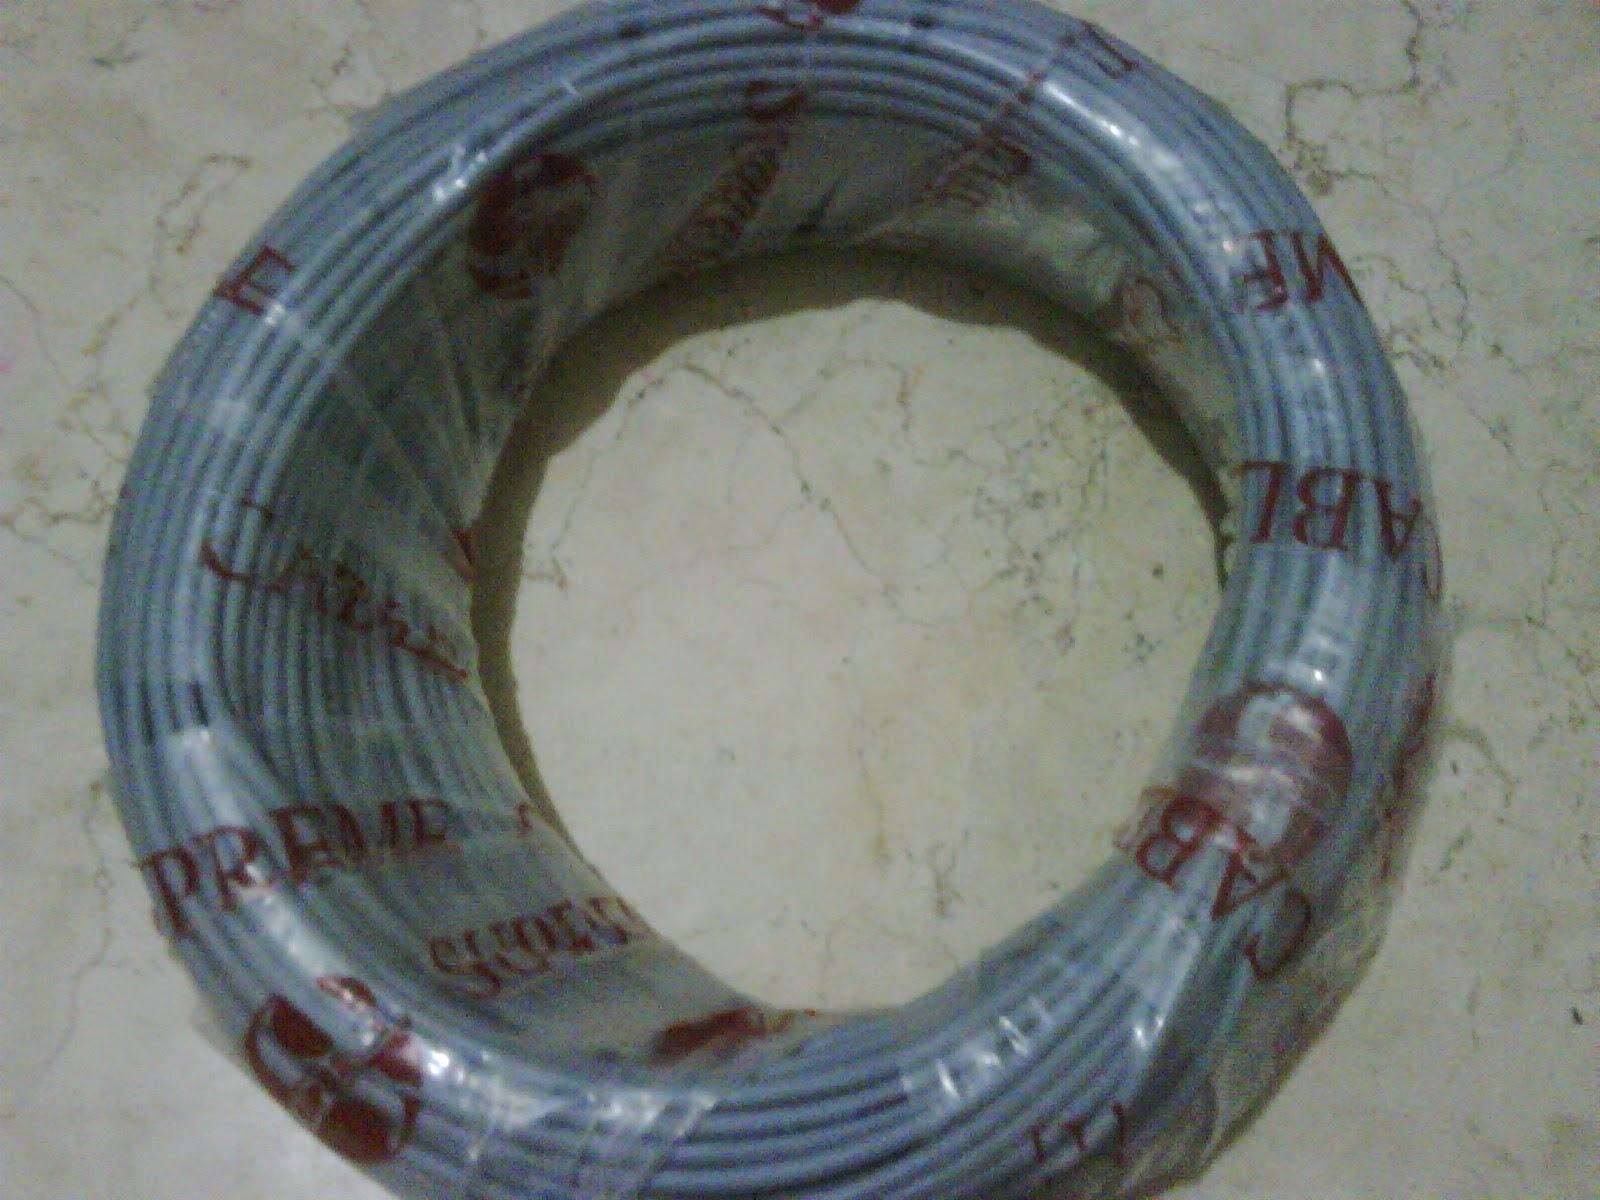 Kabel Telepon 2 Pair Kabel Telepon 1 Pair Merk